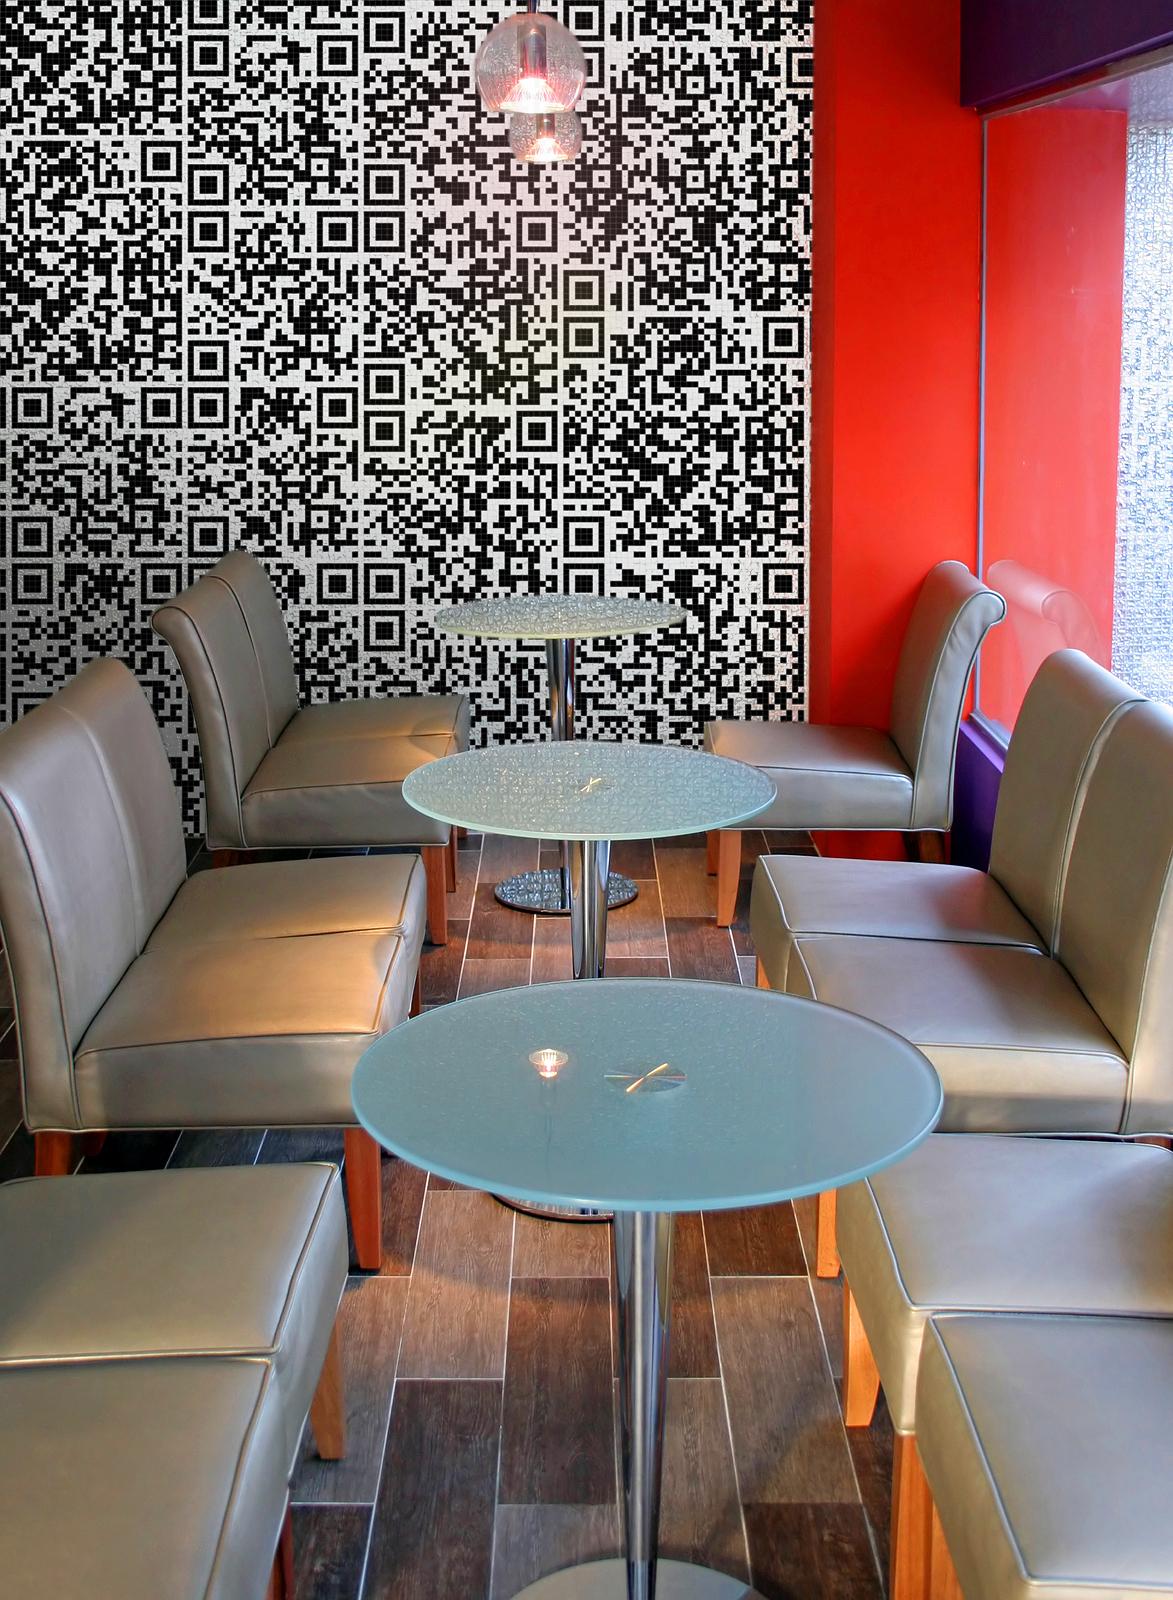 Artaic QR code tile mosaic